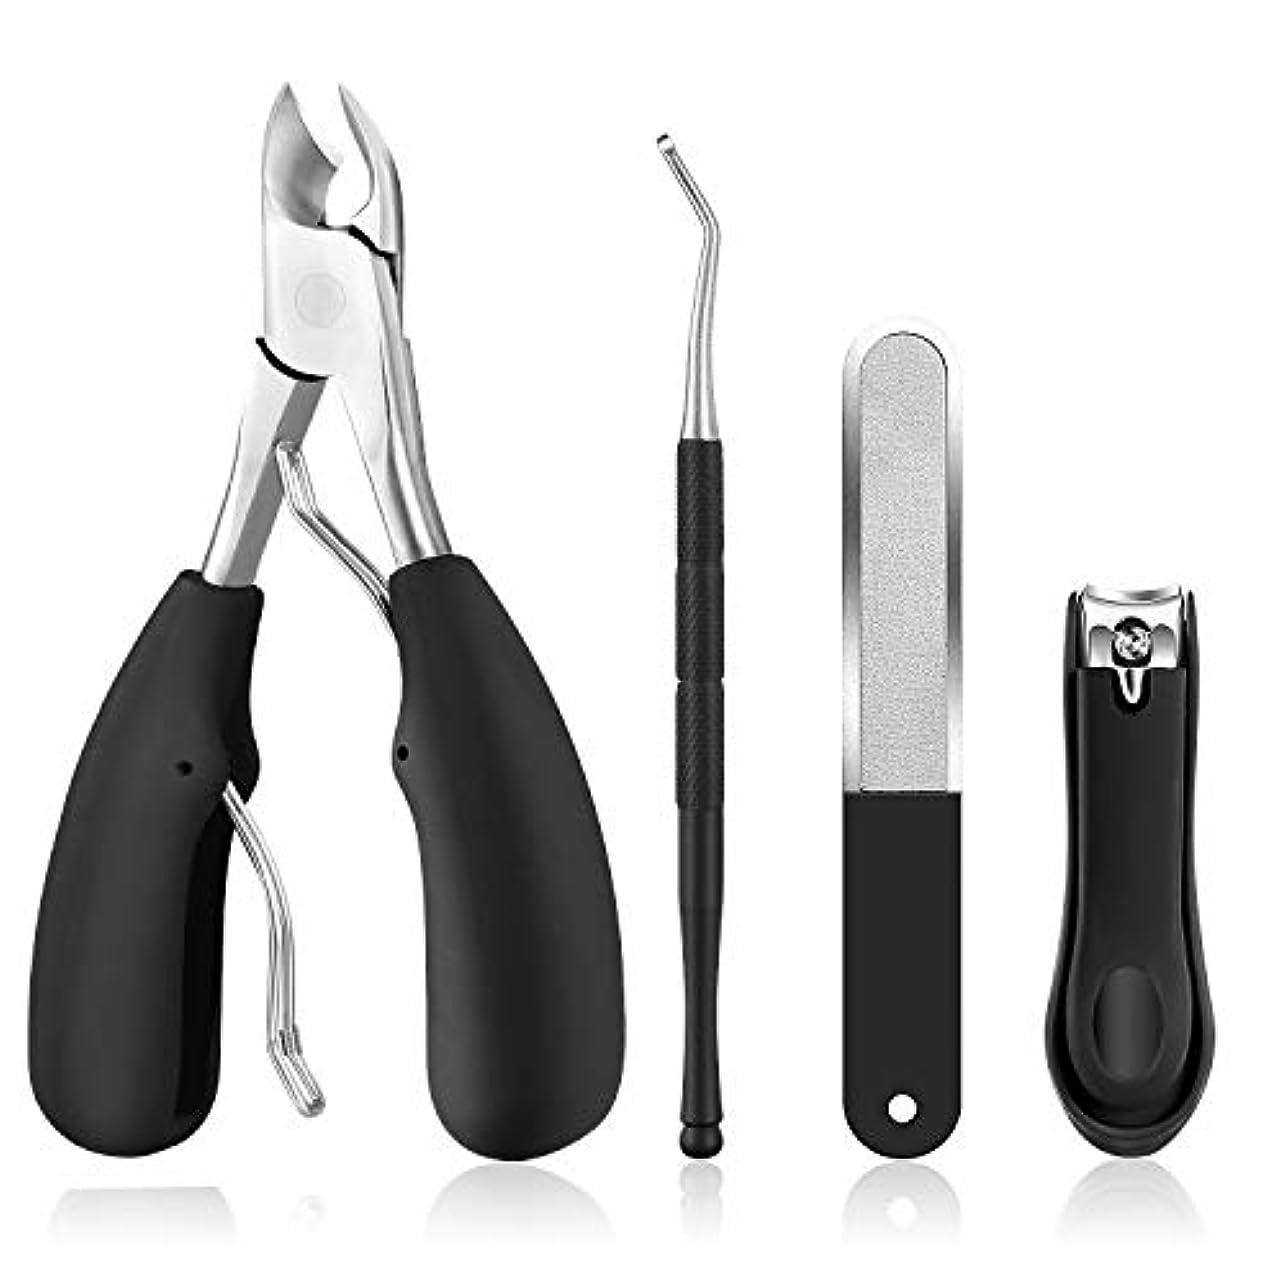 委任する強いケーブル4本セット 爪切り ニッパー ニッパー型爪切り ダブルバネデザイン